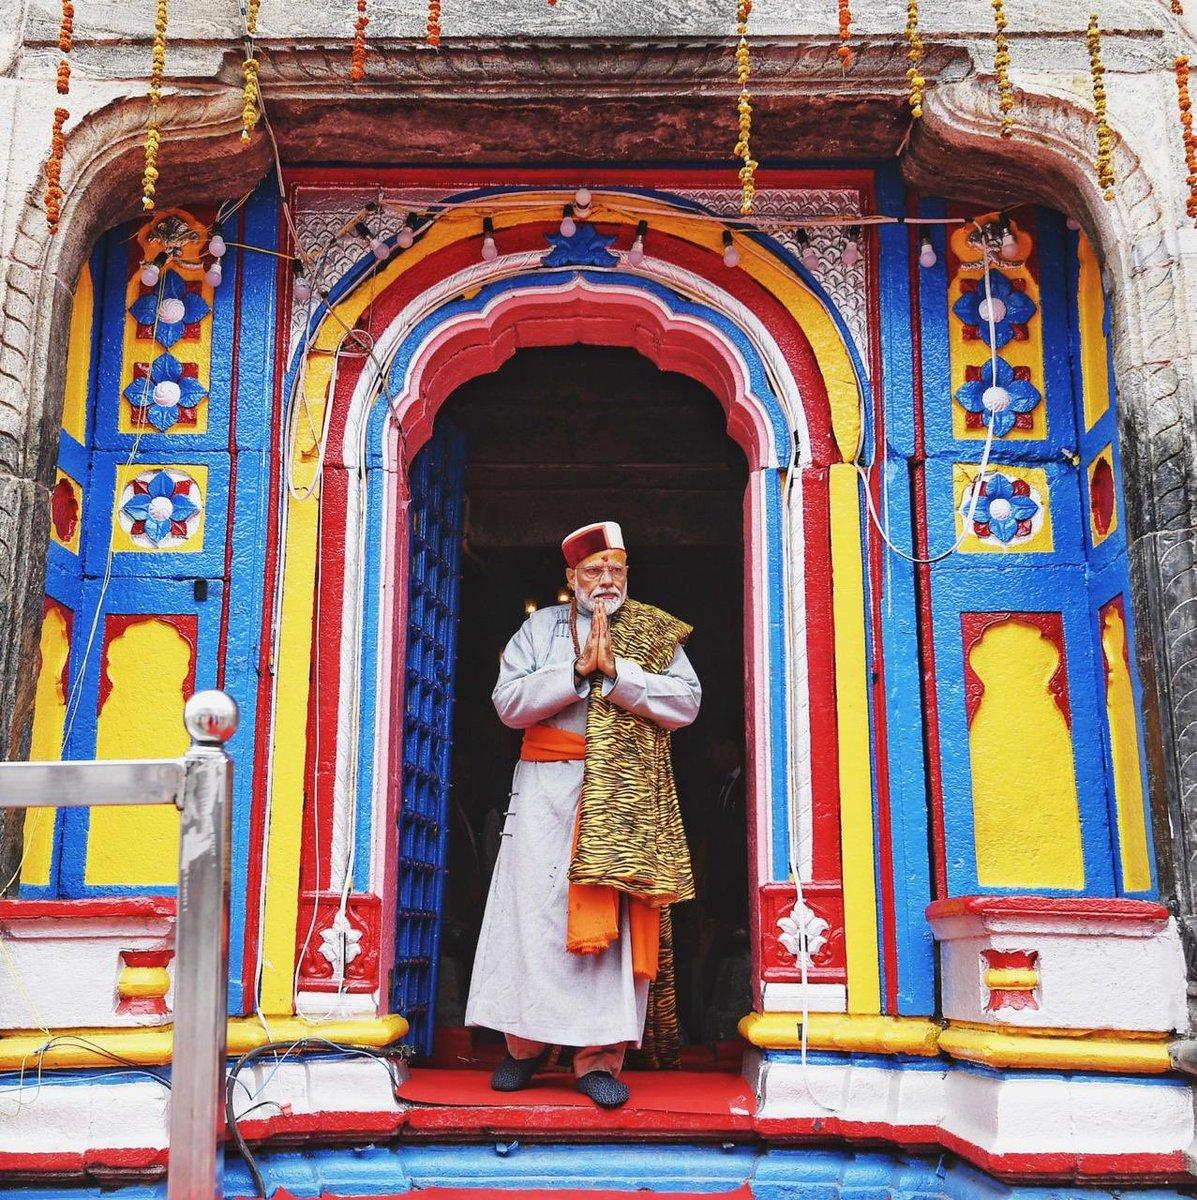 కేదార్ నాథ్లో ప్రధాని నరేంద్ర మోదీ (Image:Modi/ twitter)